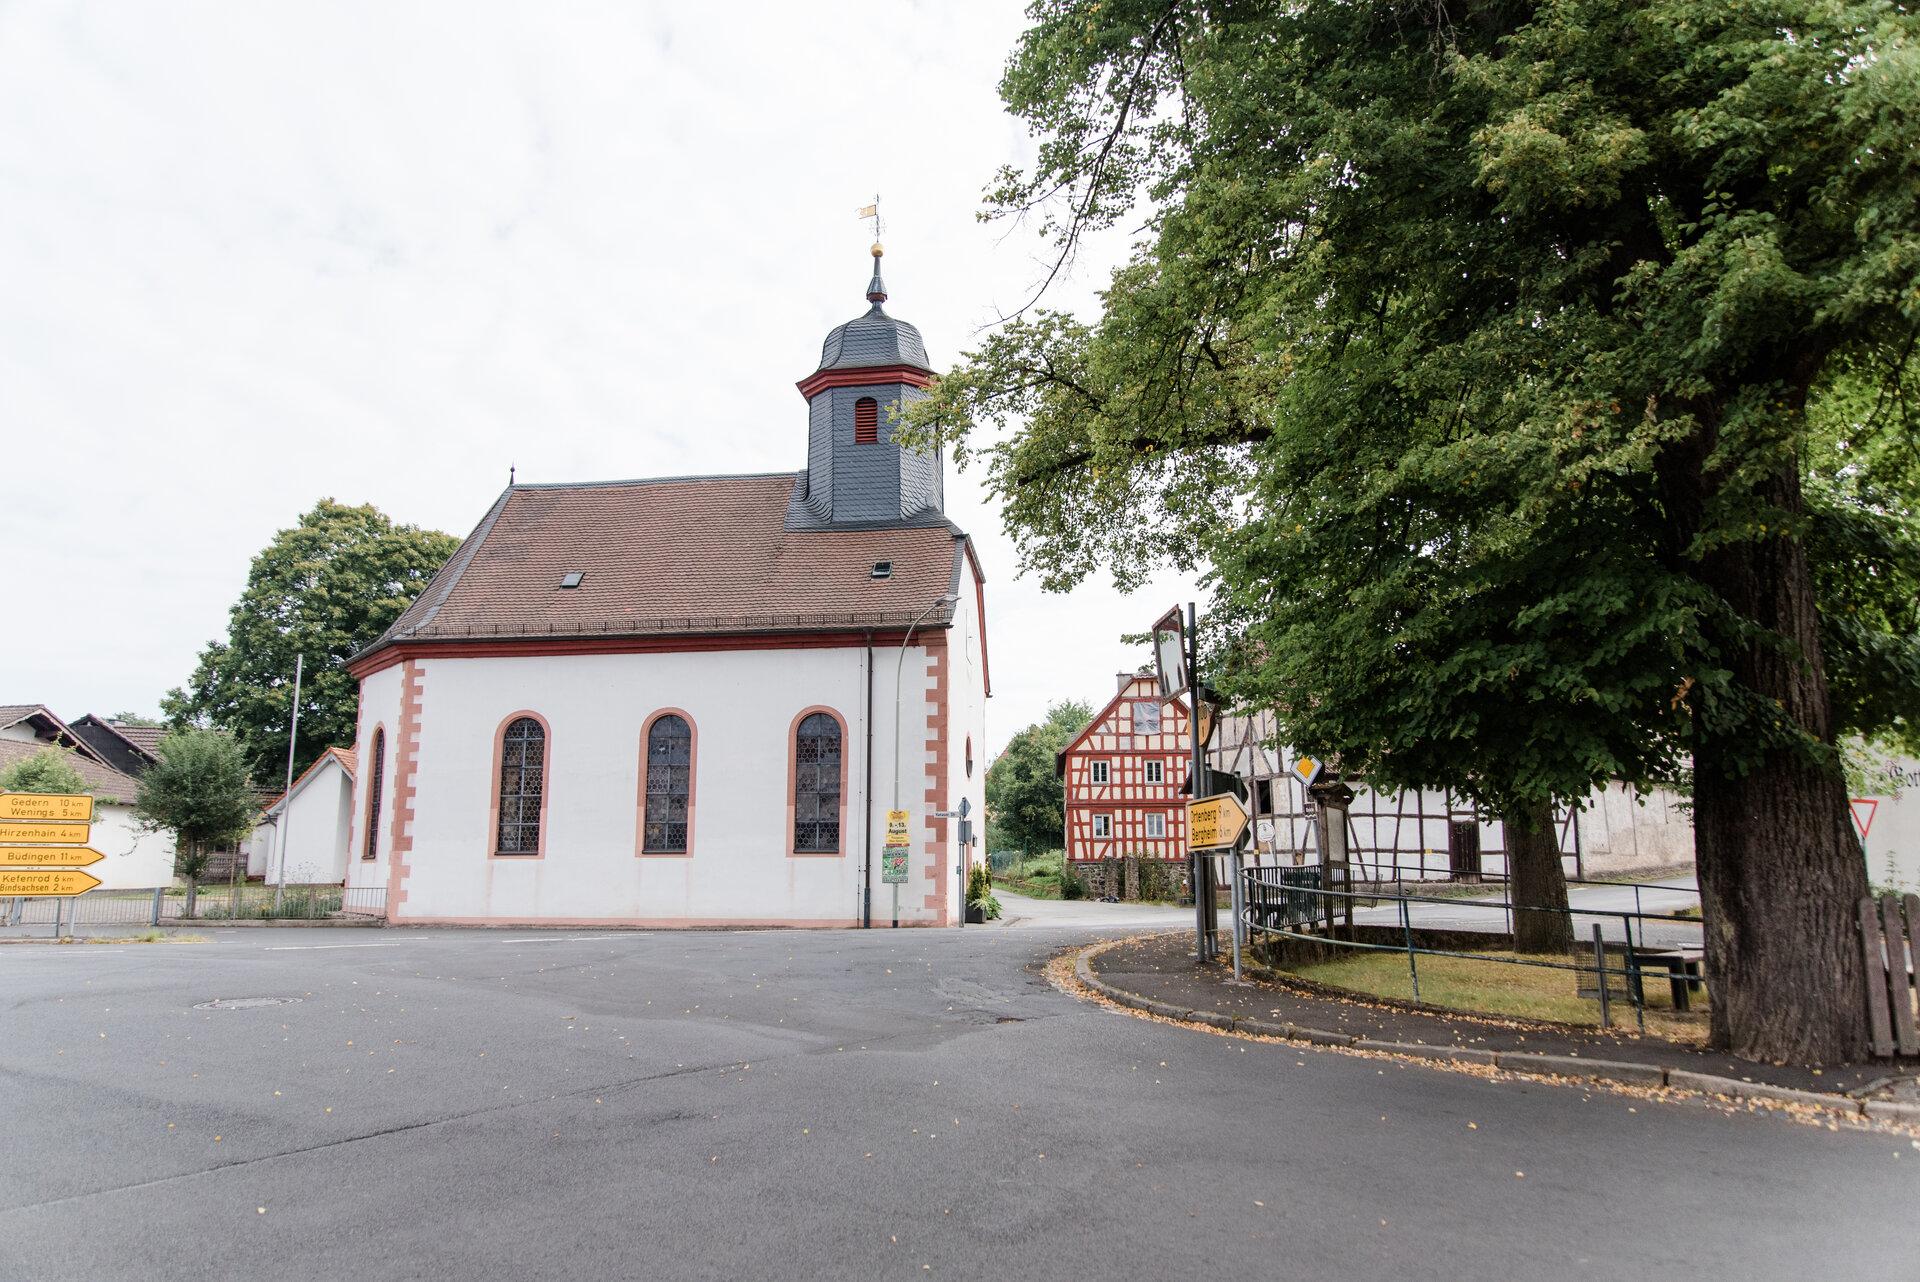 Evangelische Kirche in Gelnhaar